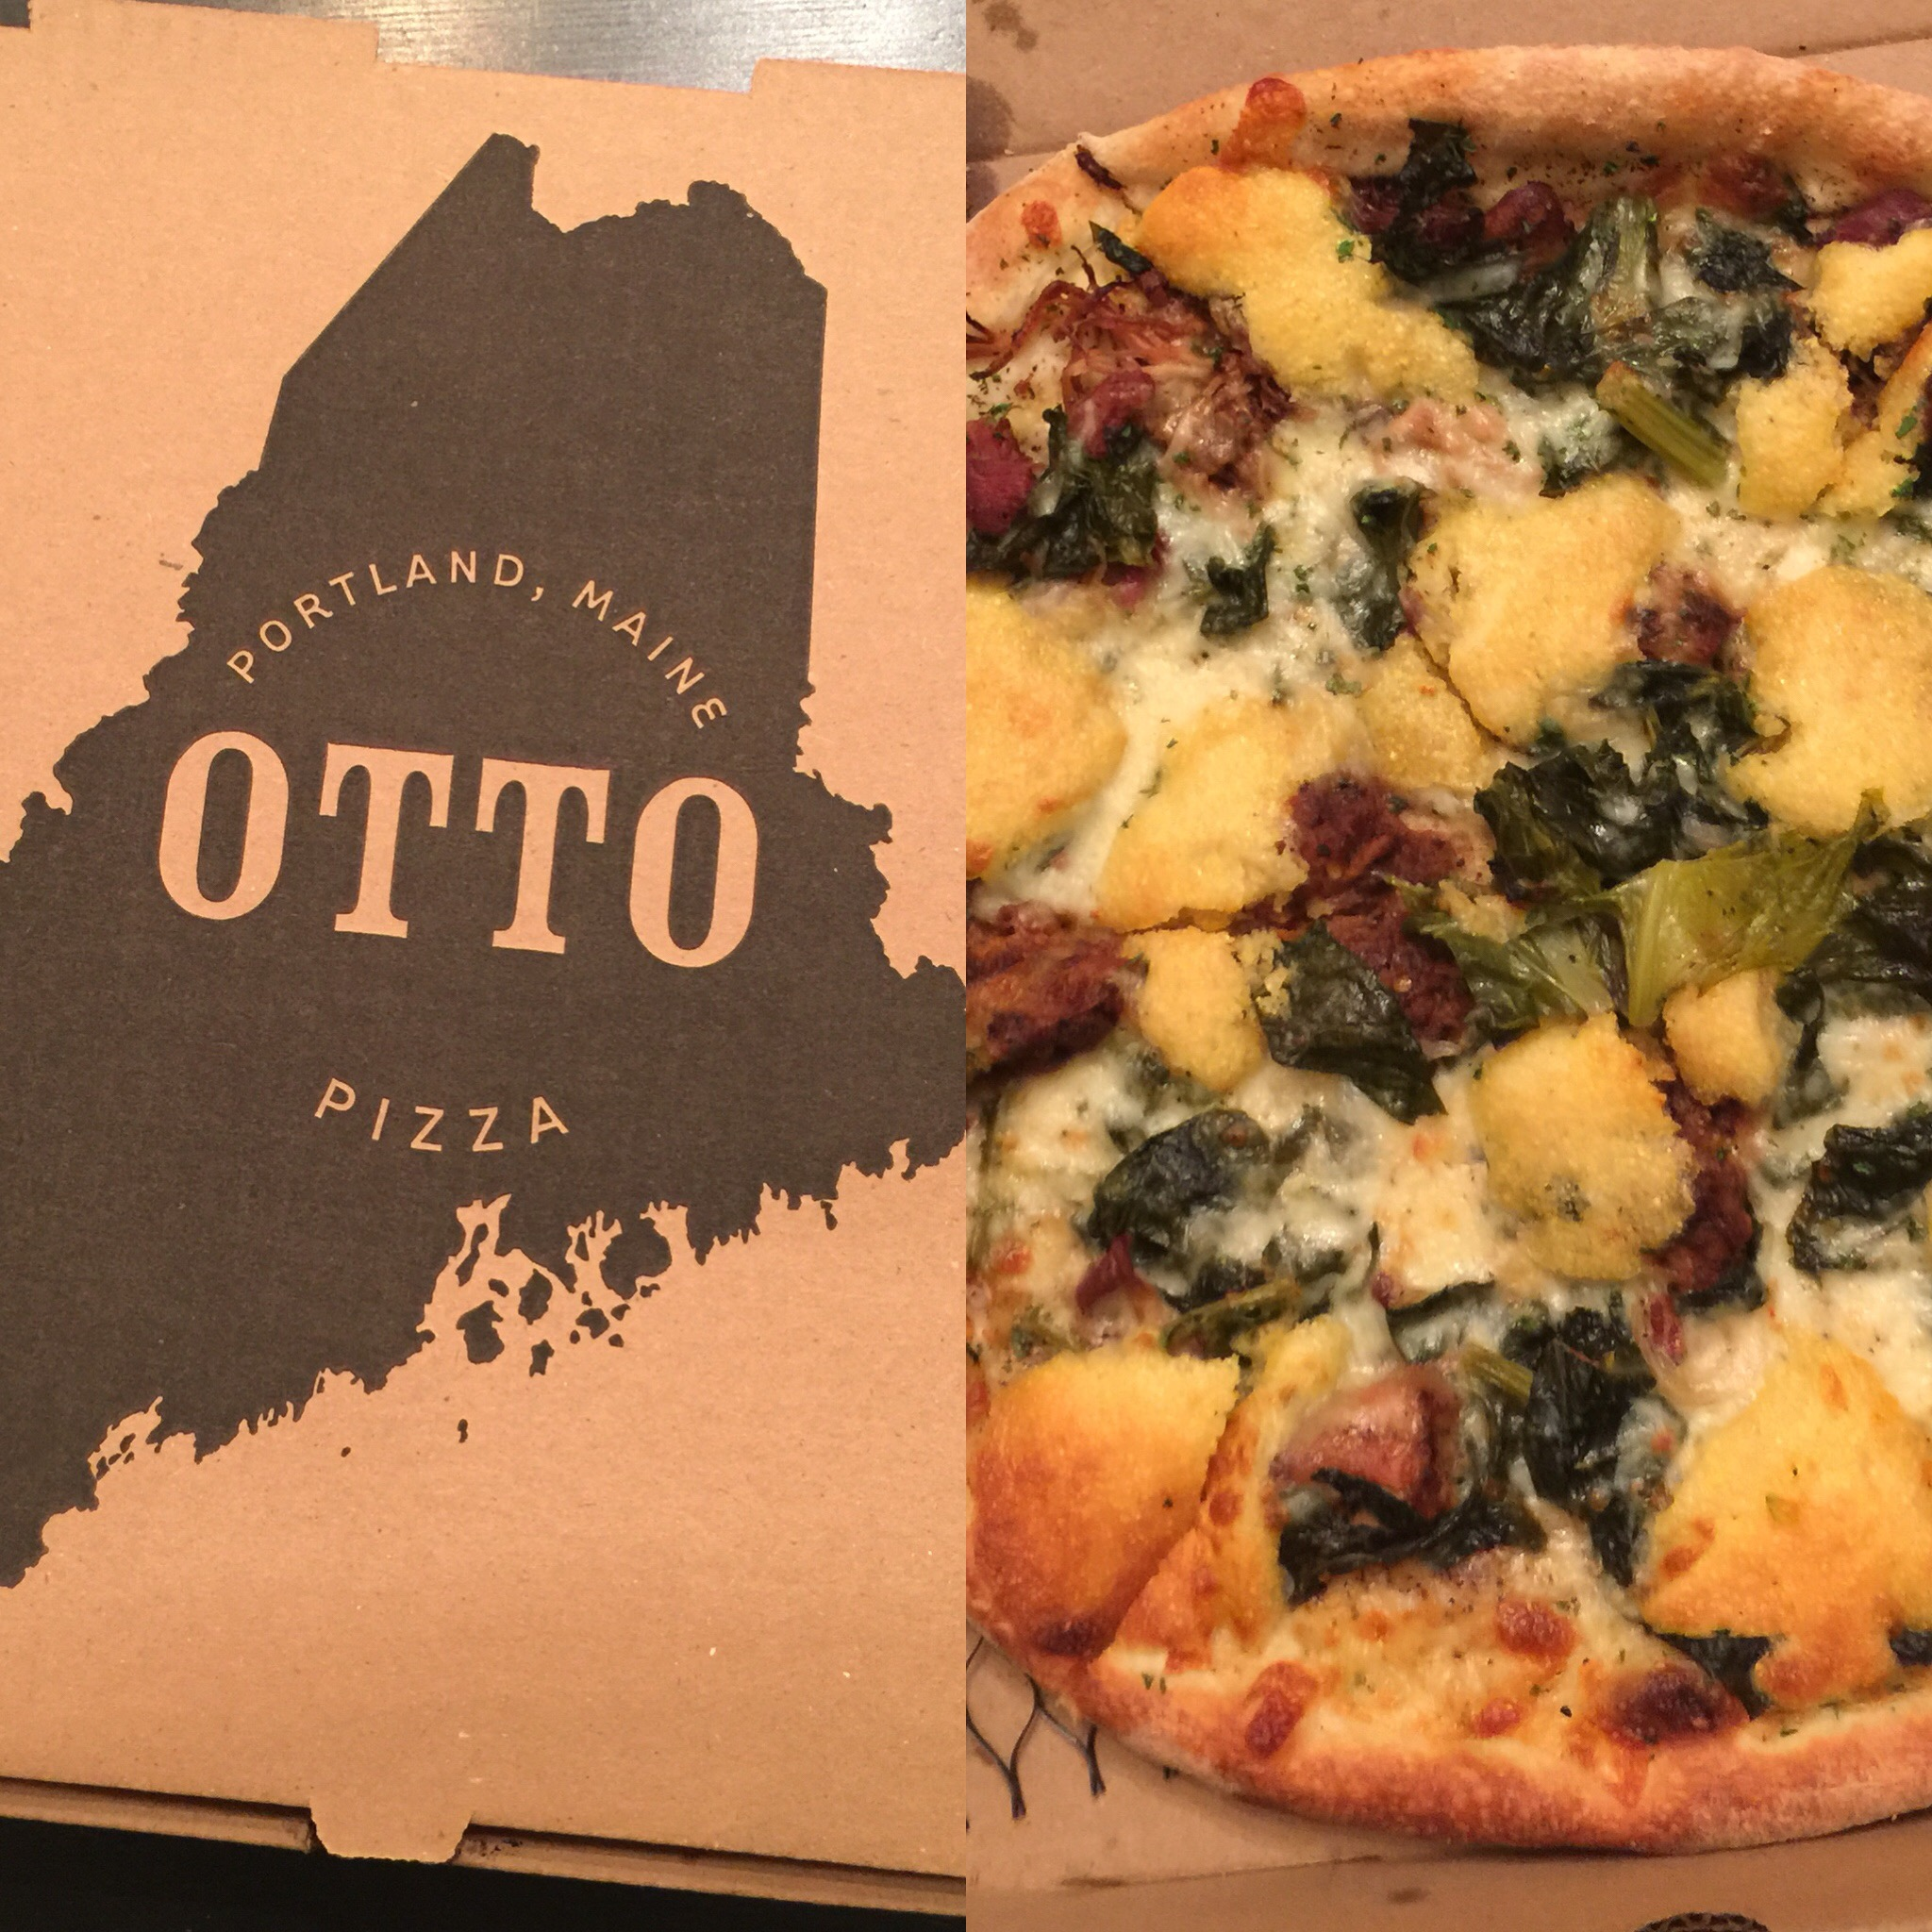 Otto Pizza's November Special: Cornbread, Pulled Pork & Collard Greens